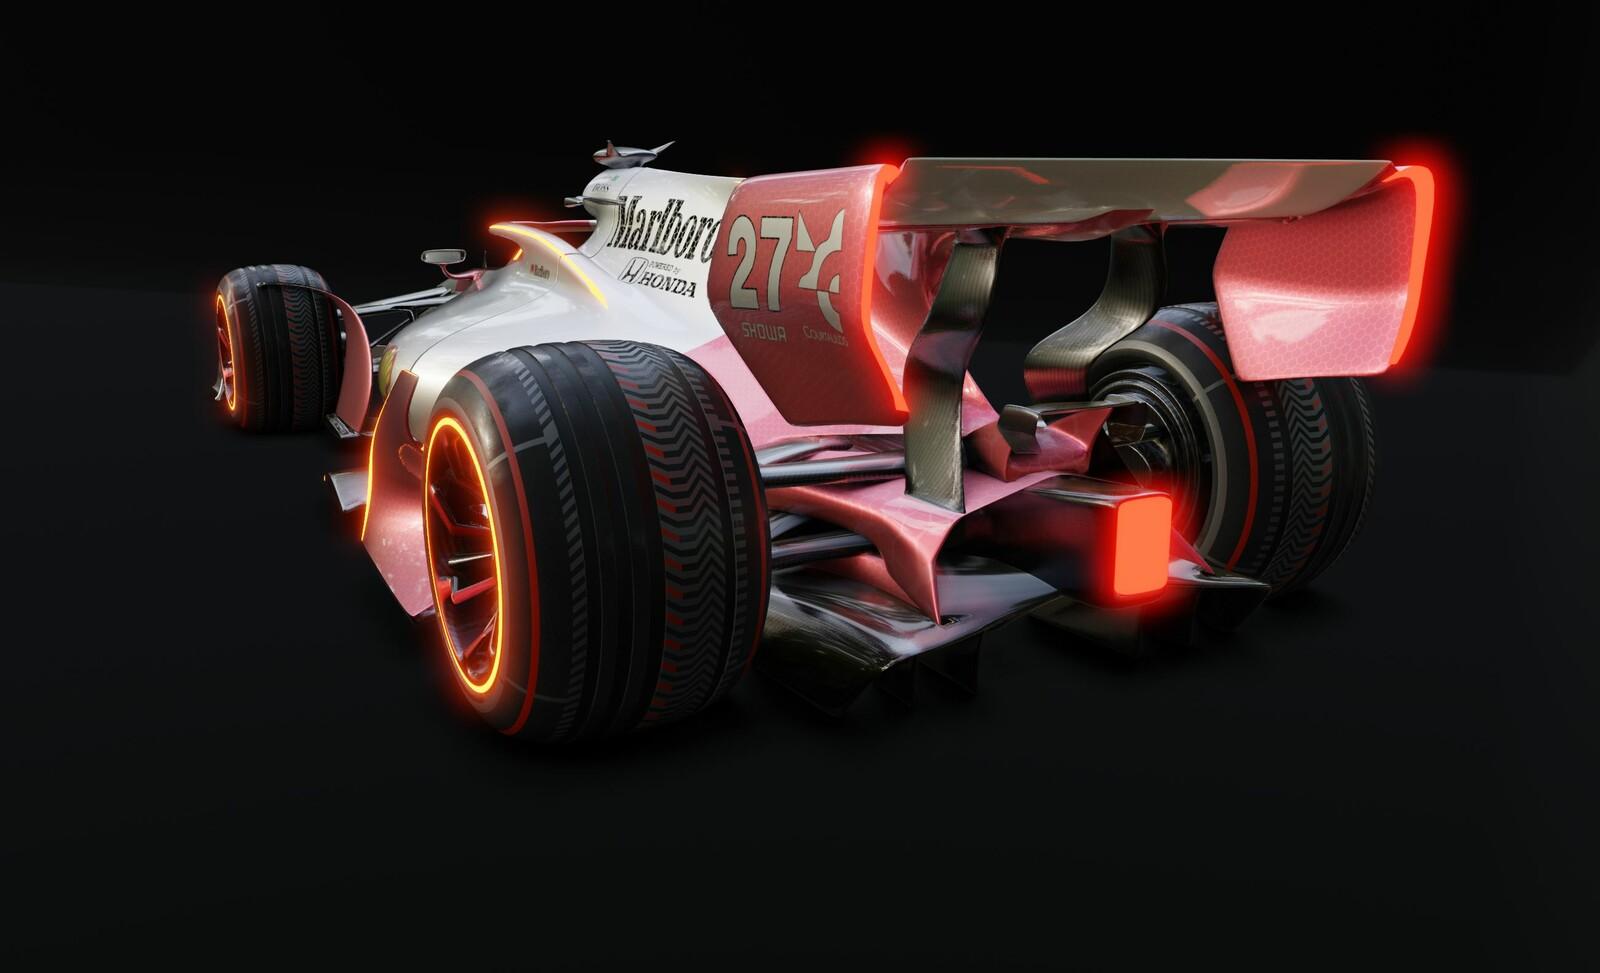 Futuristic F1 car Retro McLaren (Eevee)